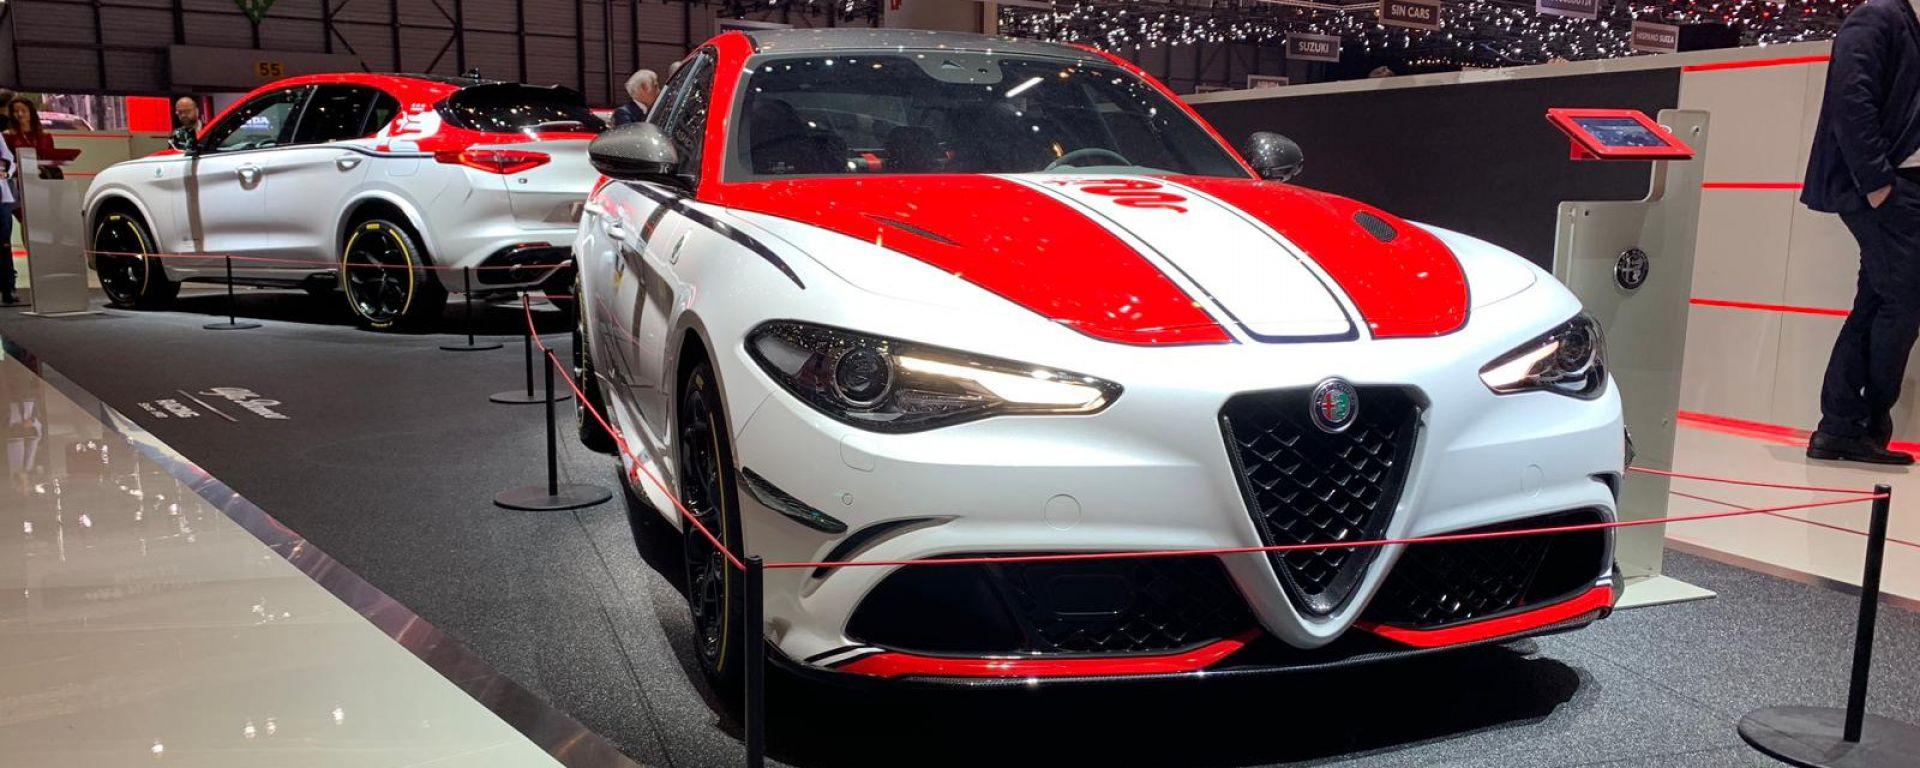 Stelvio e Giulia Quadrifoglio Alfa Romeo Racing: le novità